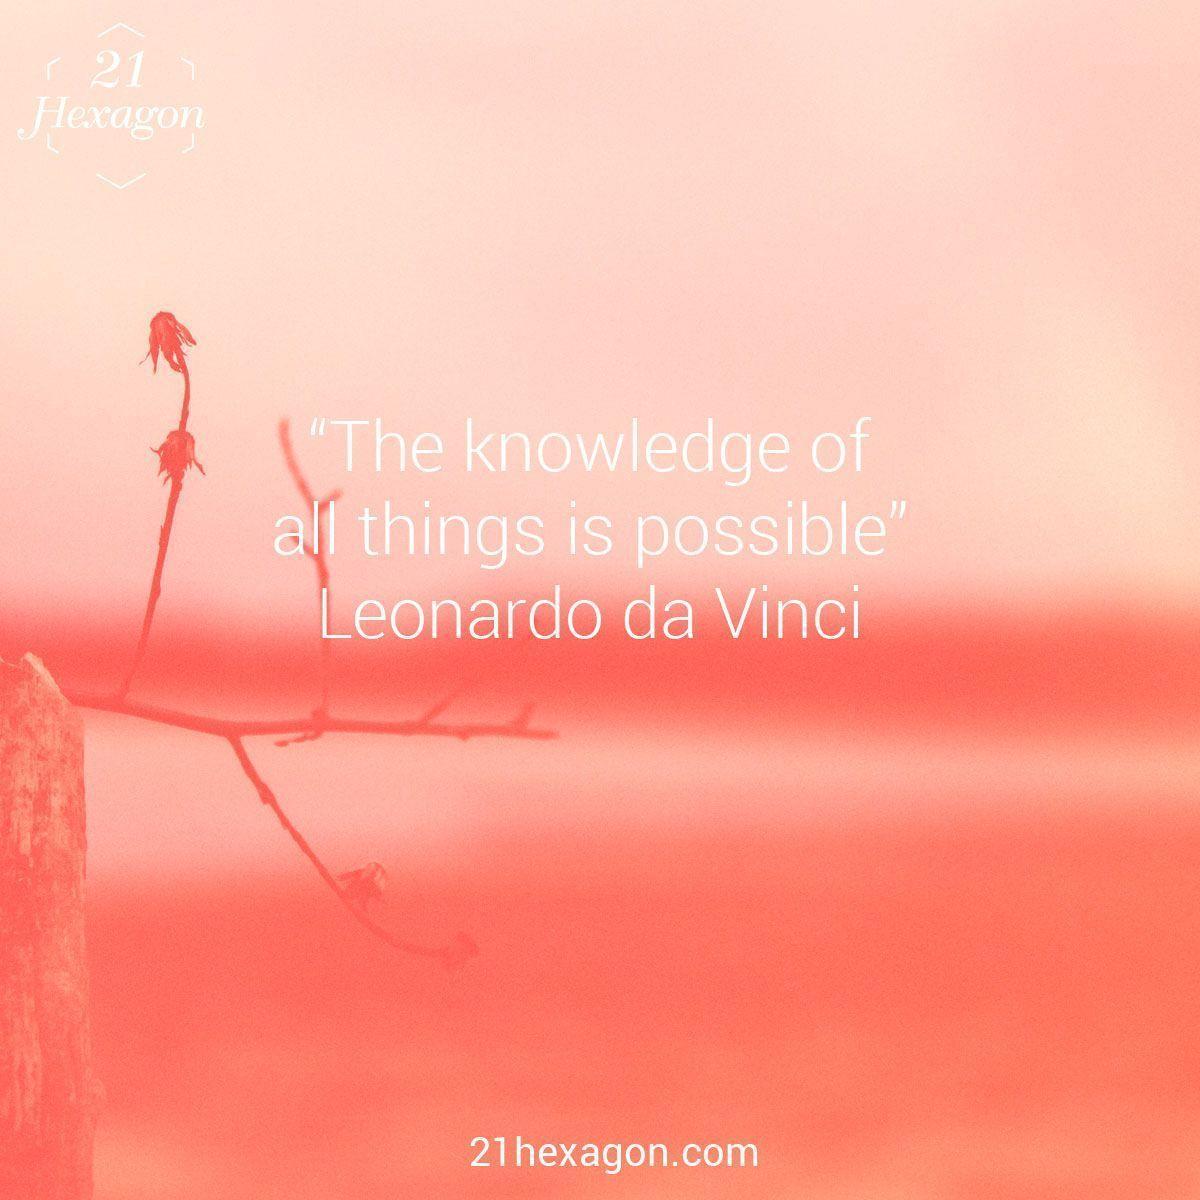 quotes_21hexagon_161.jpg